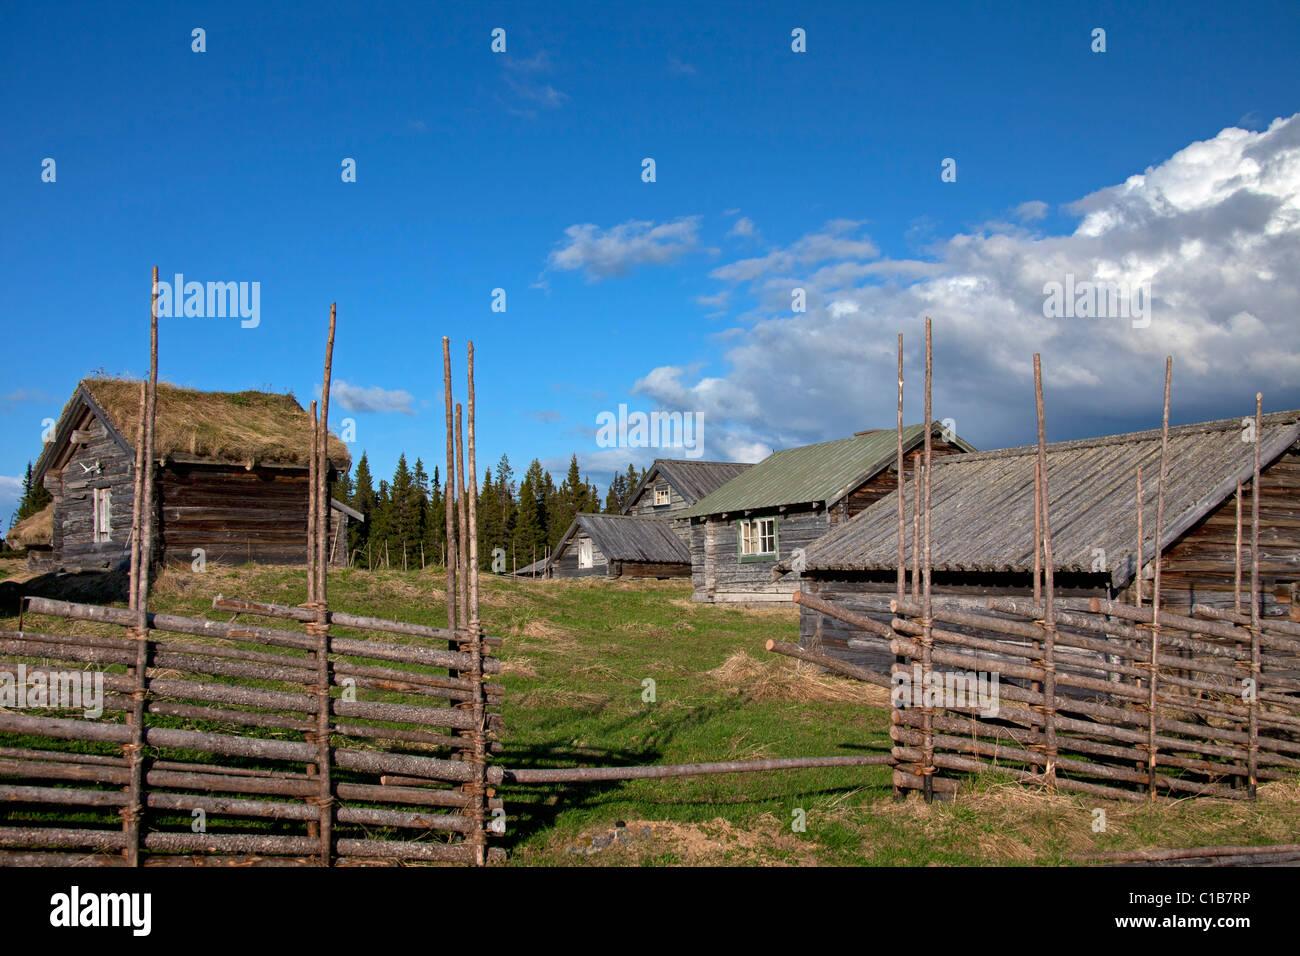 Log cabins of farm with sod roof at Jaemtland / Jämtland, Sweden - Stock Image